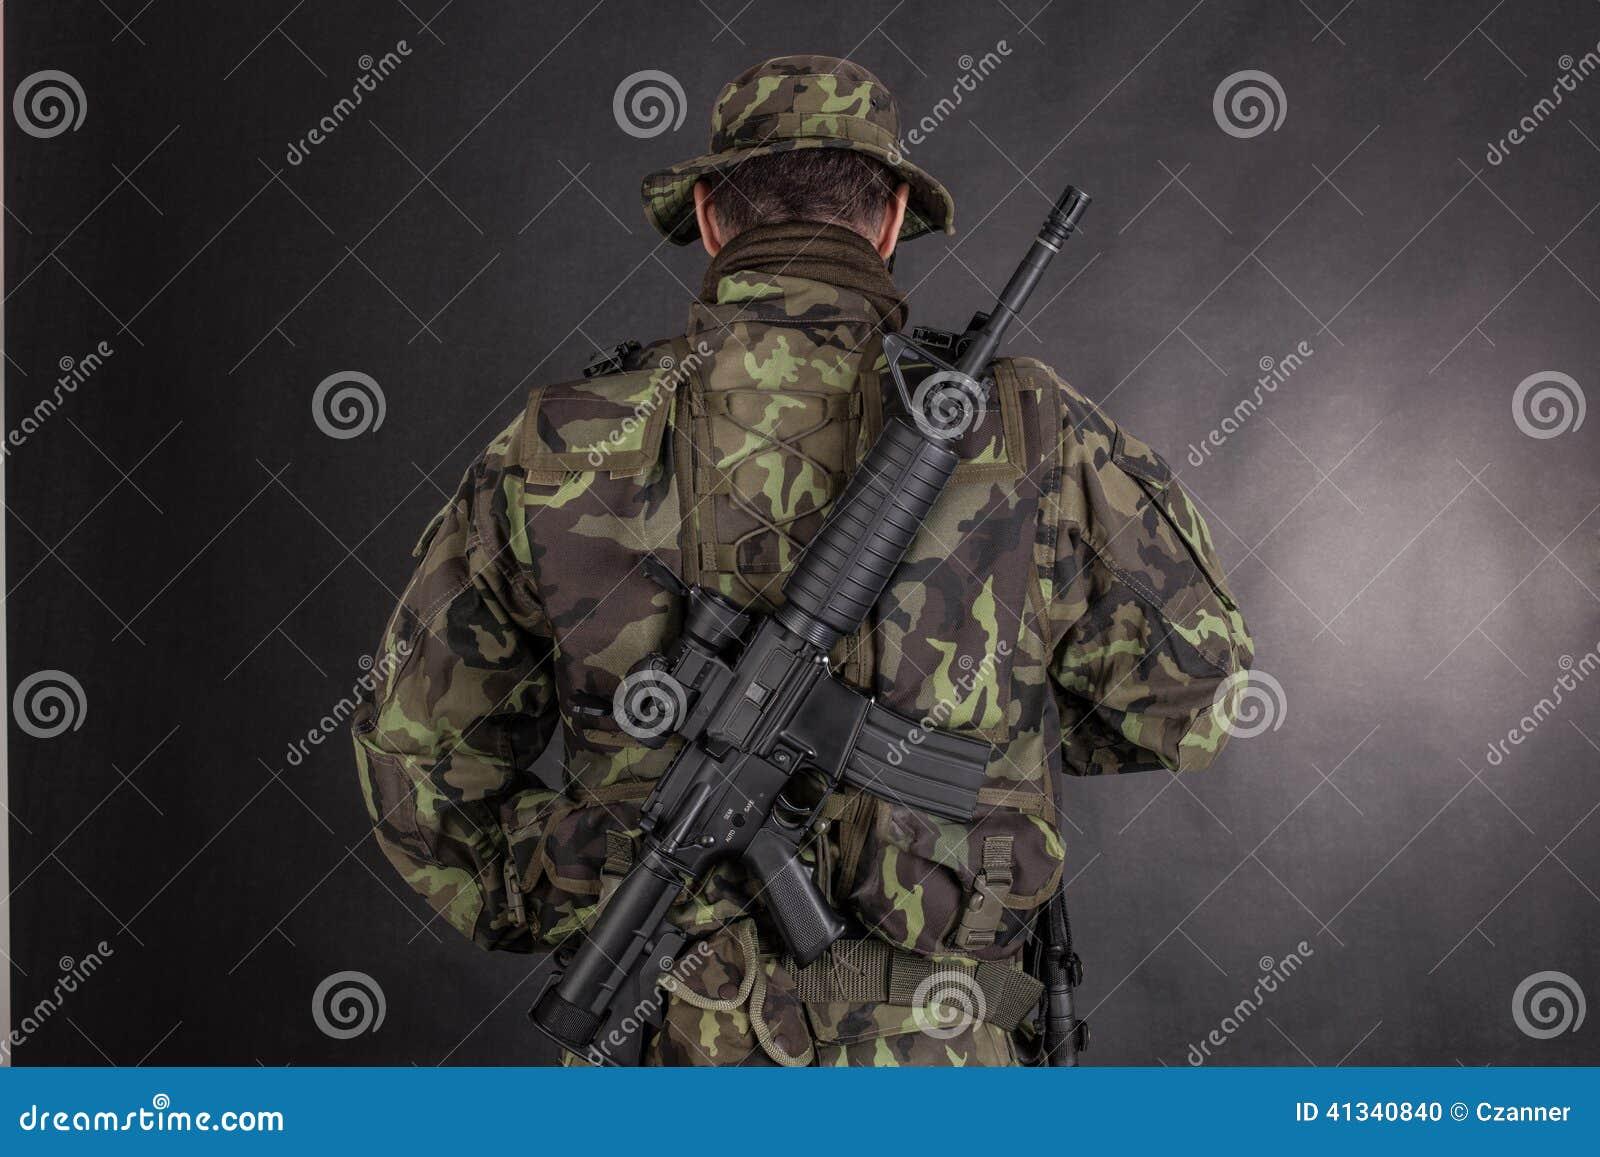 soldat-dans-le-camouflage-et-l-arme-mode